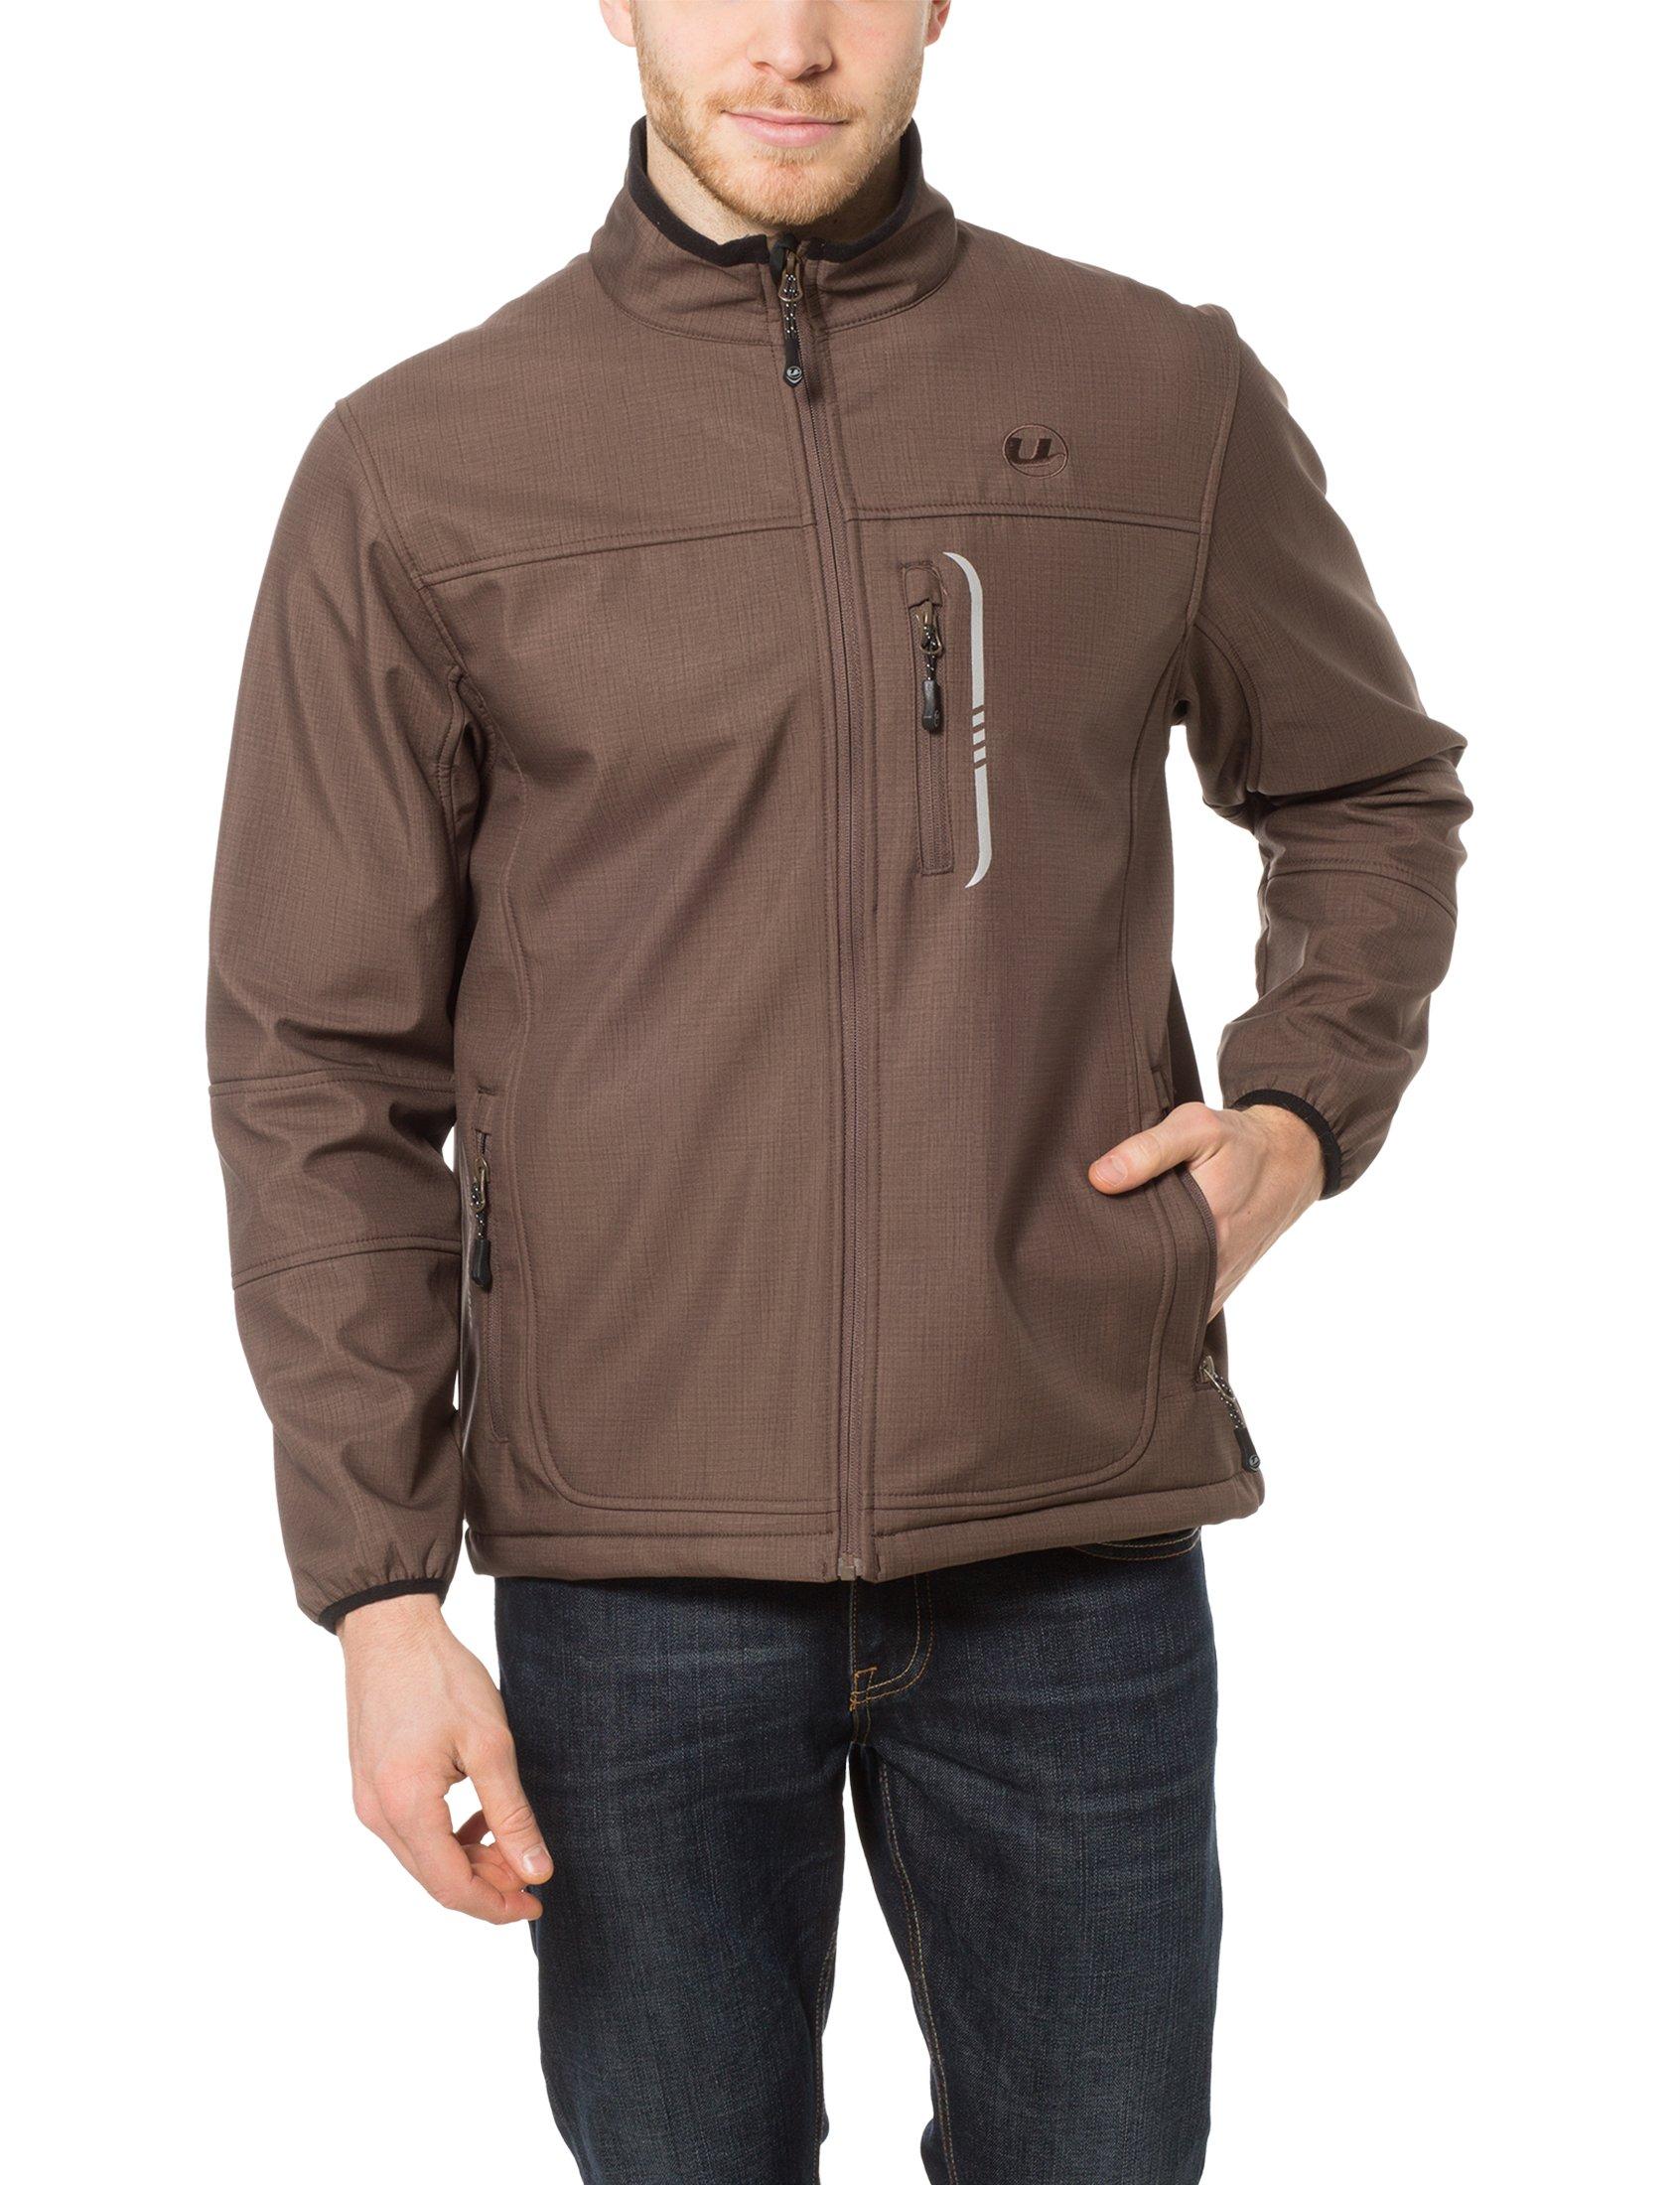 Ultrasport Stan - Chaqueta para hombre,, color marrón, talla L product image